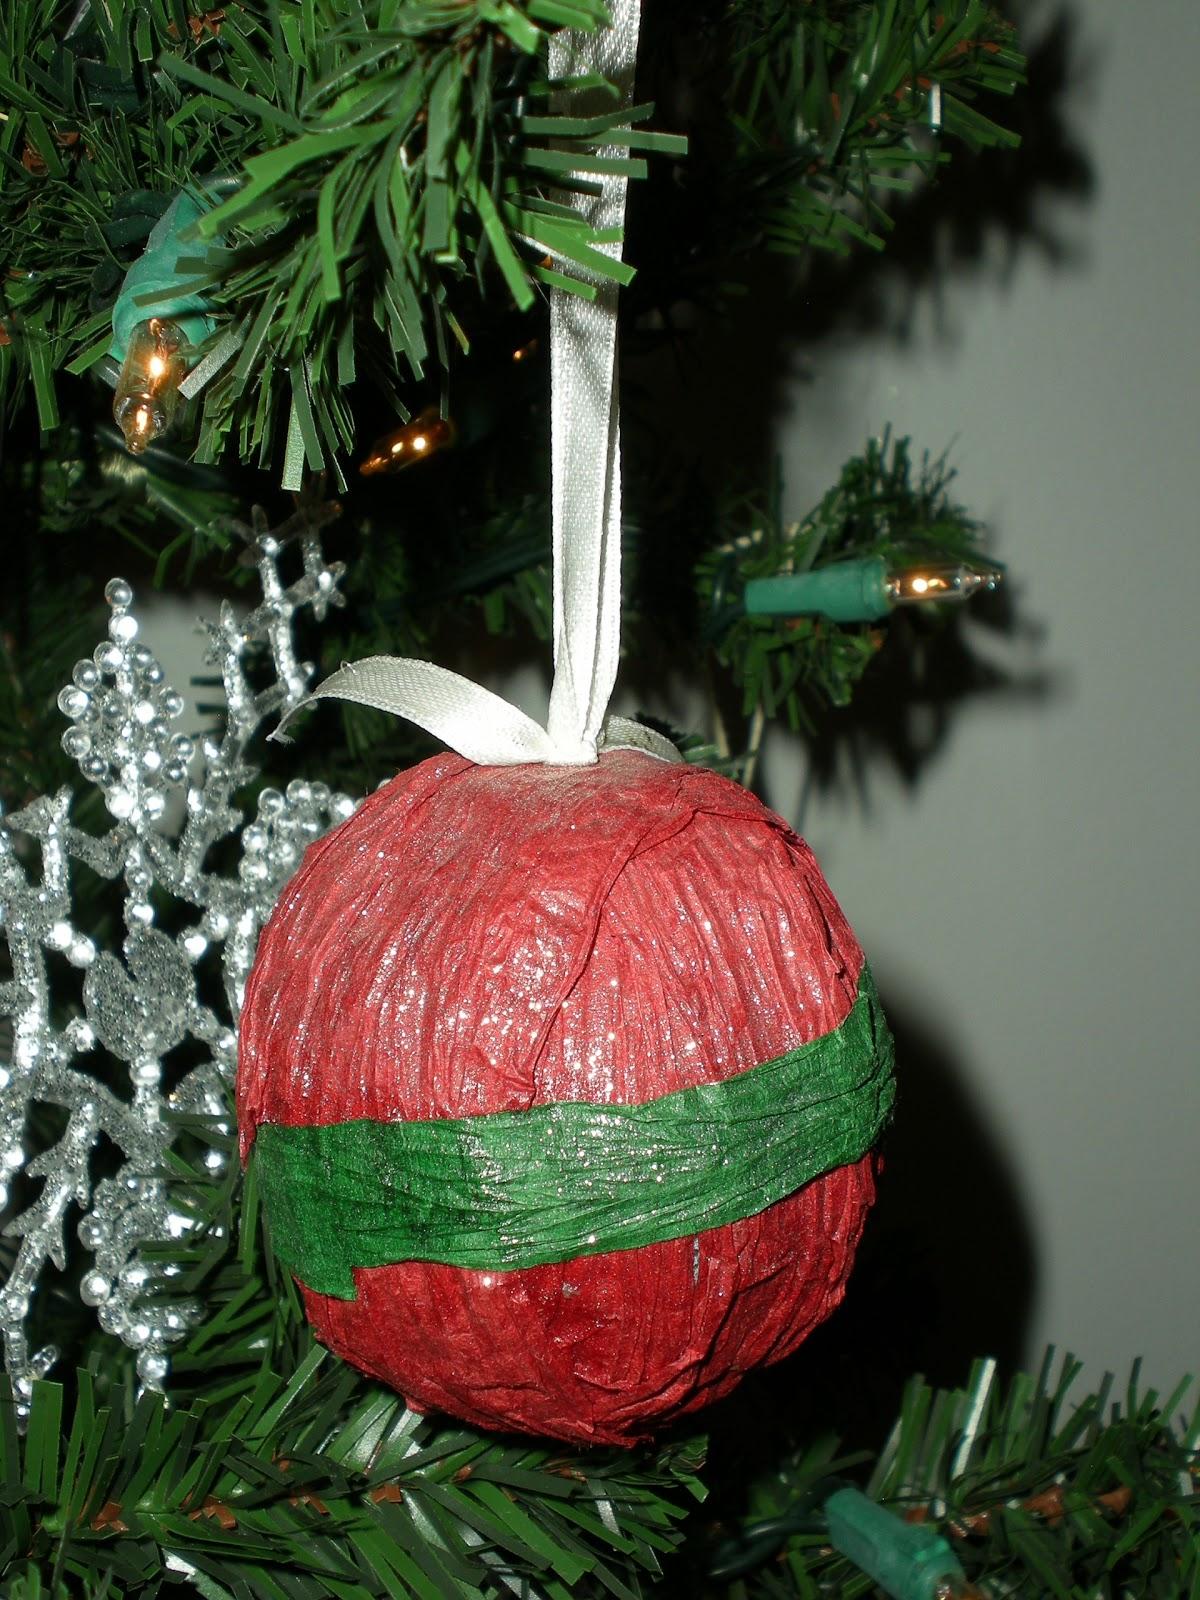 25 days of Christmas crafts: DAY 5 (Homemade Christmas ...